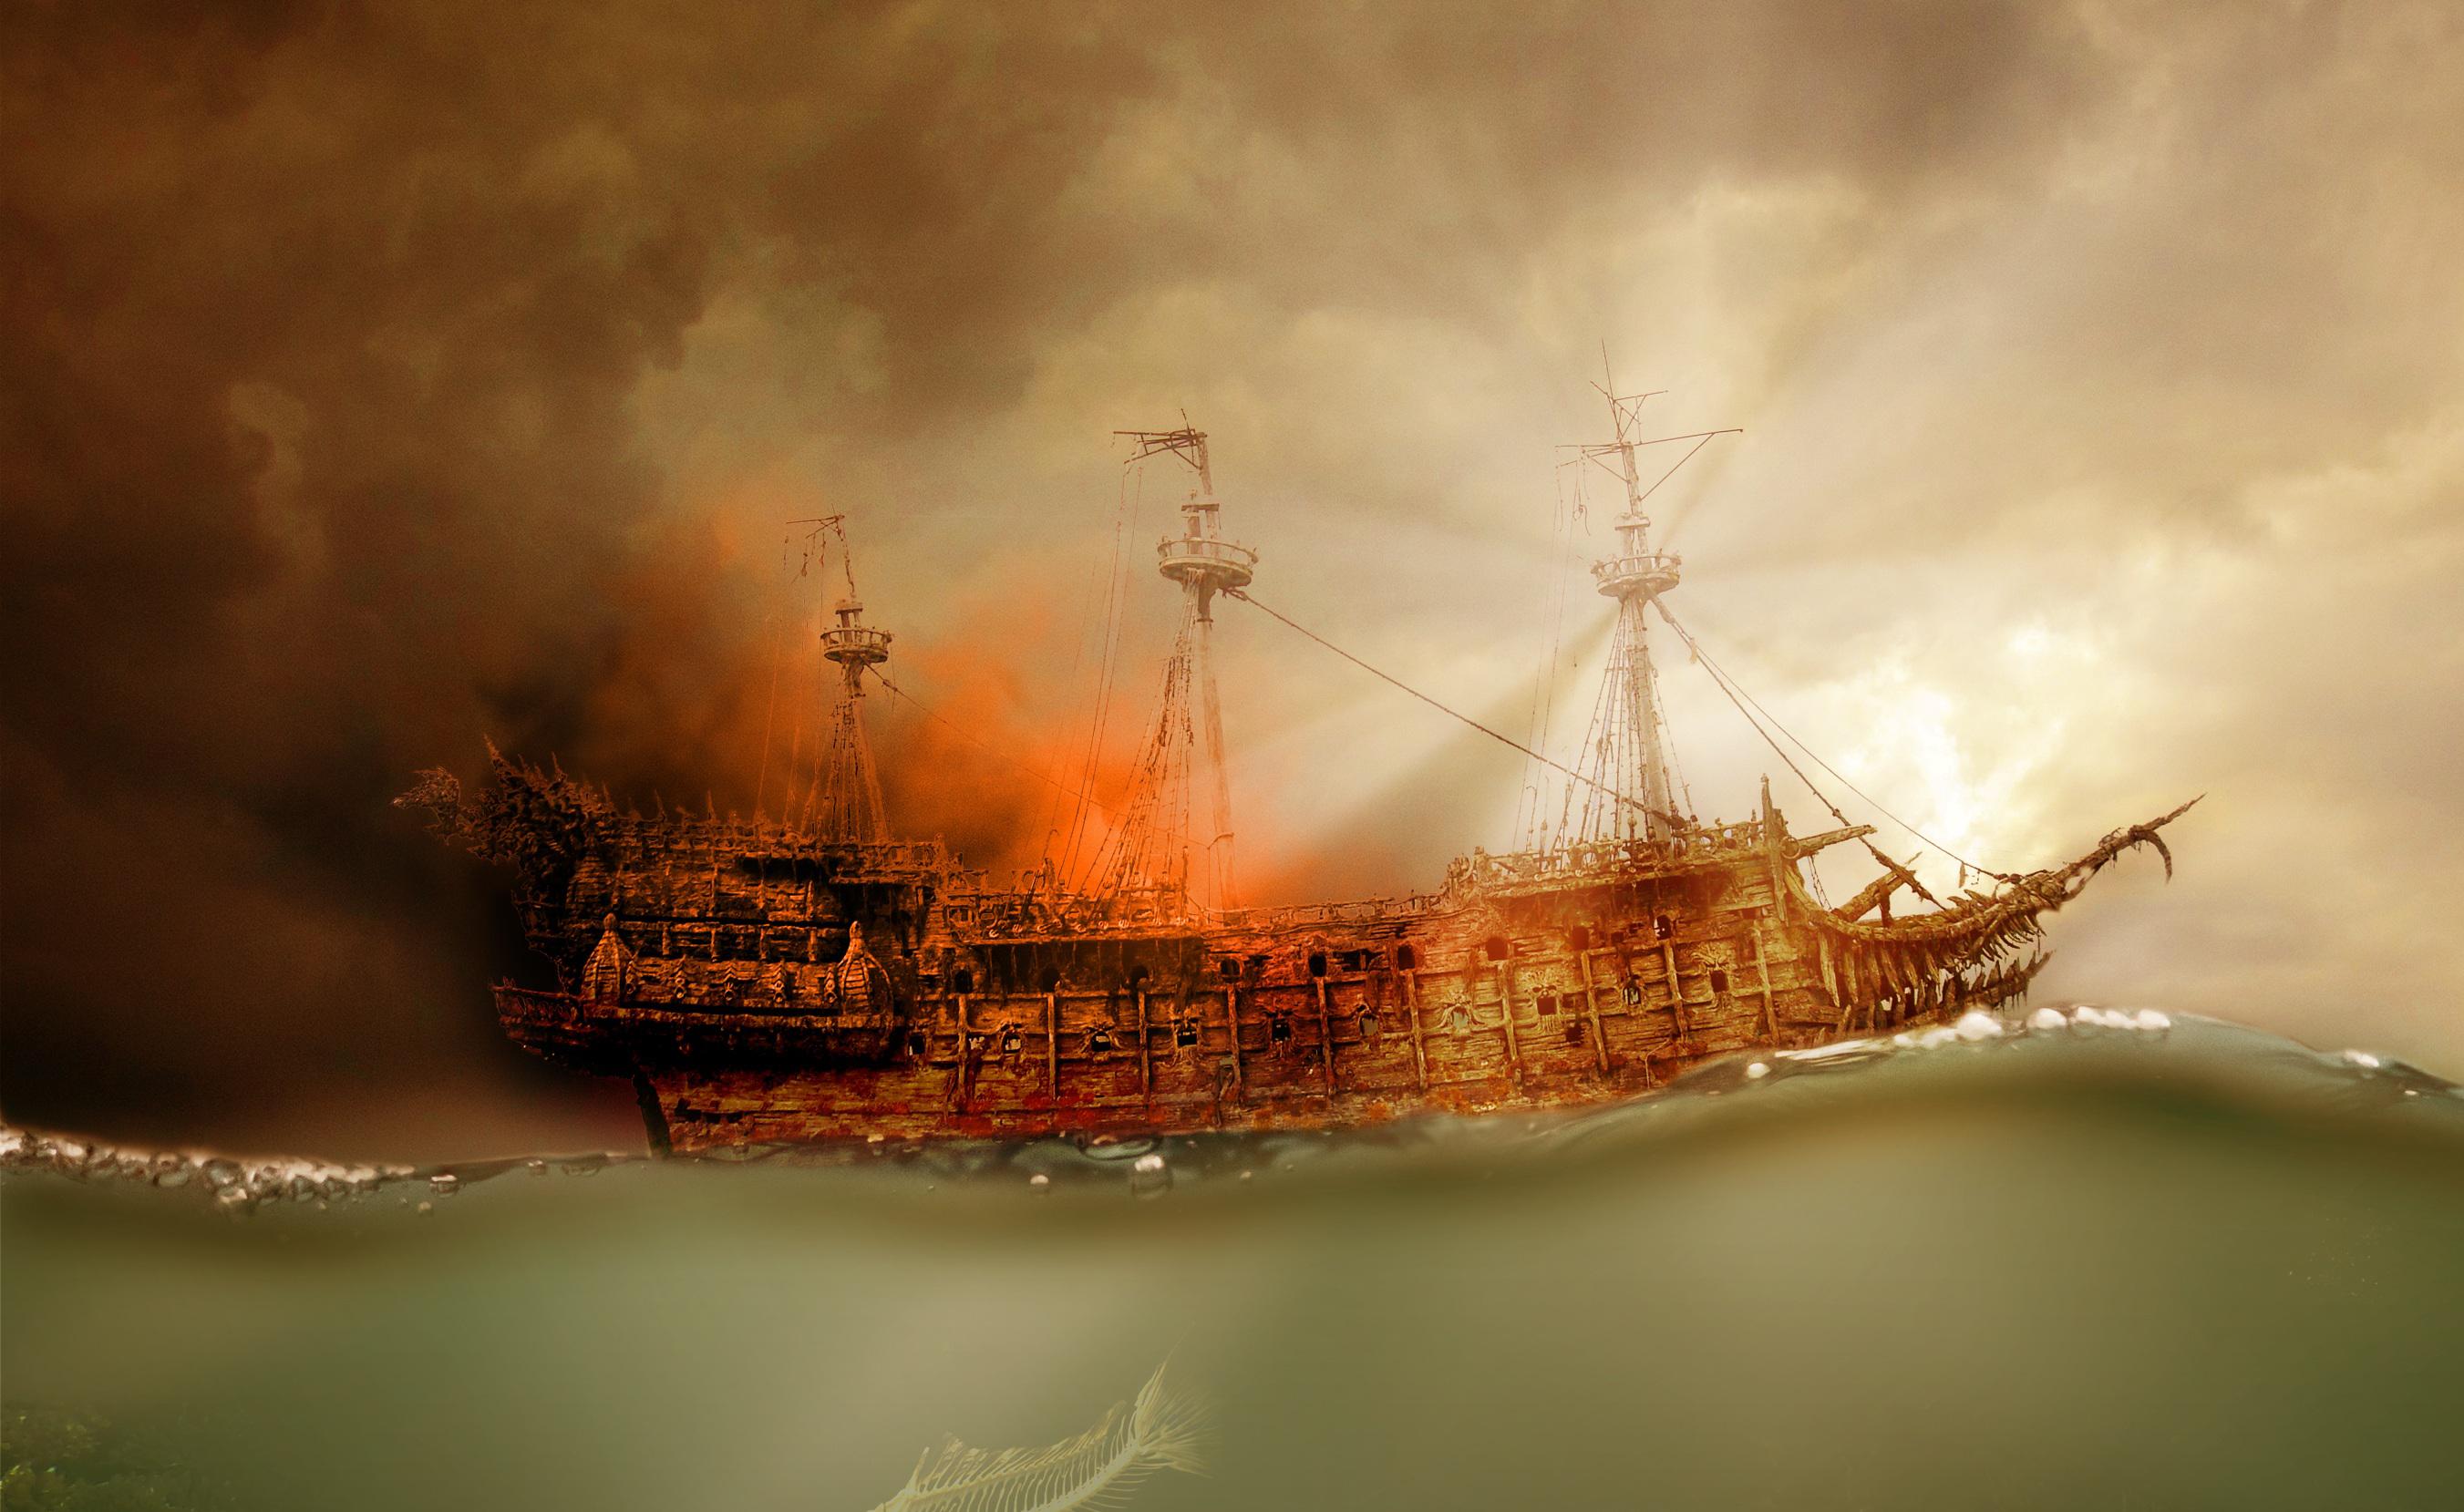 burningship.png